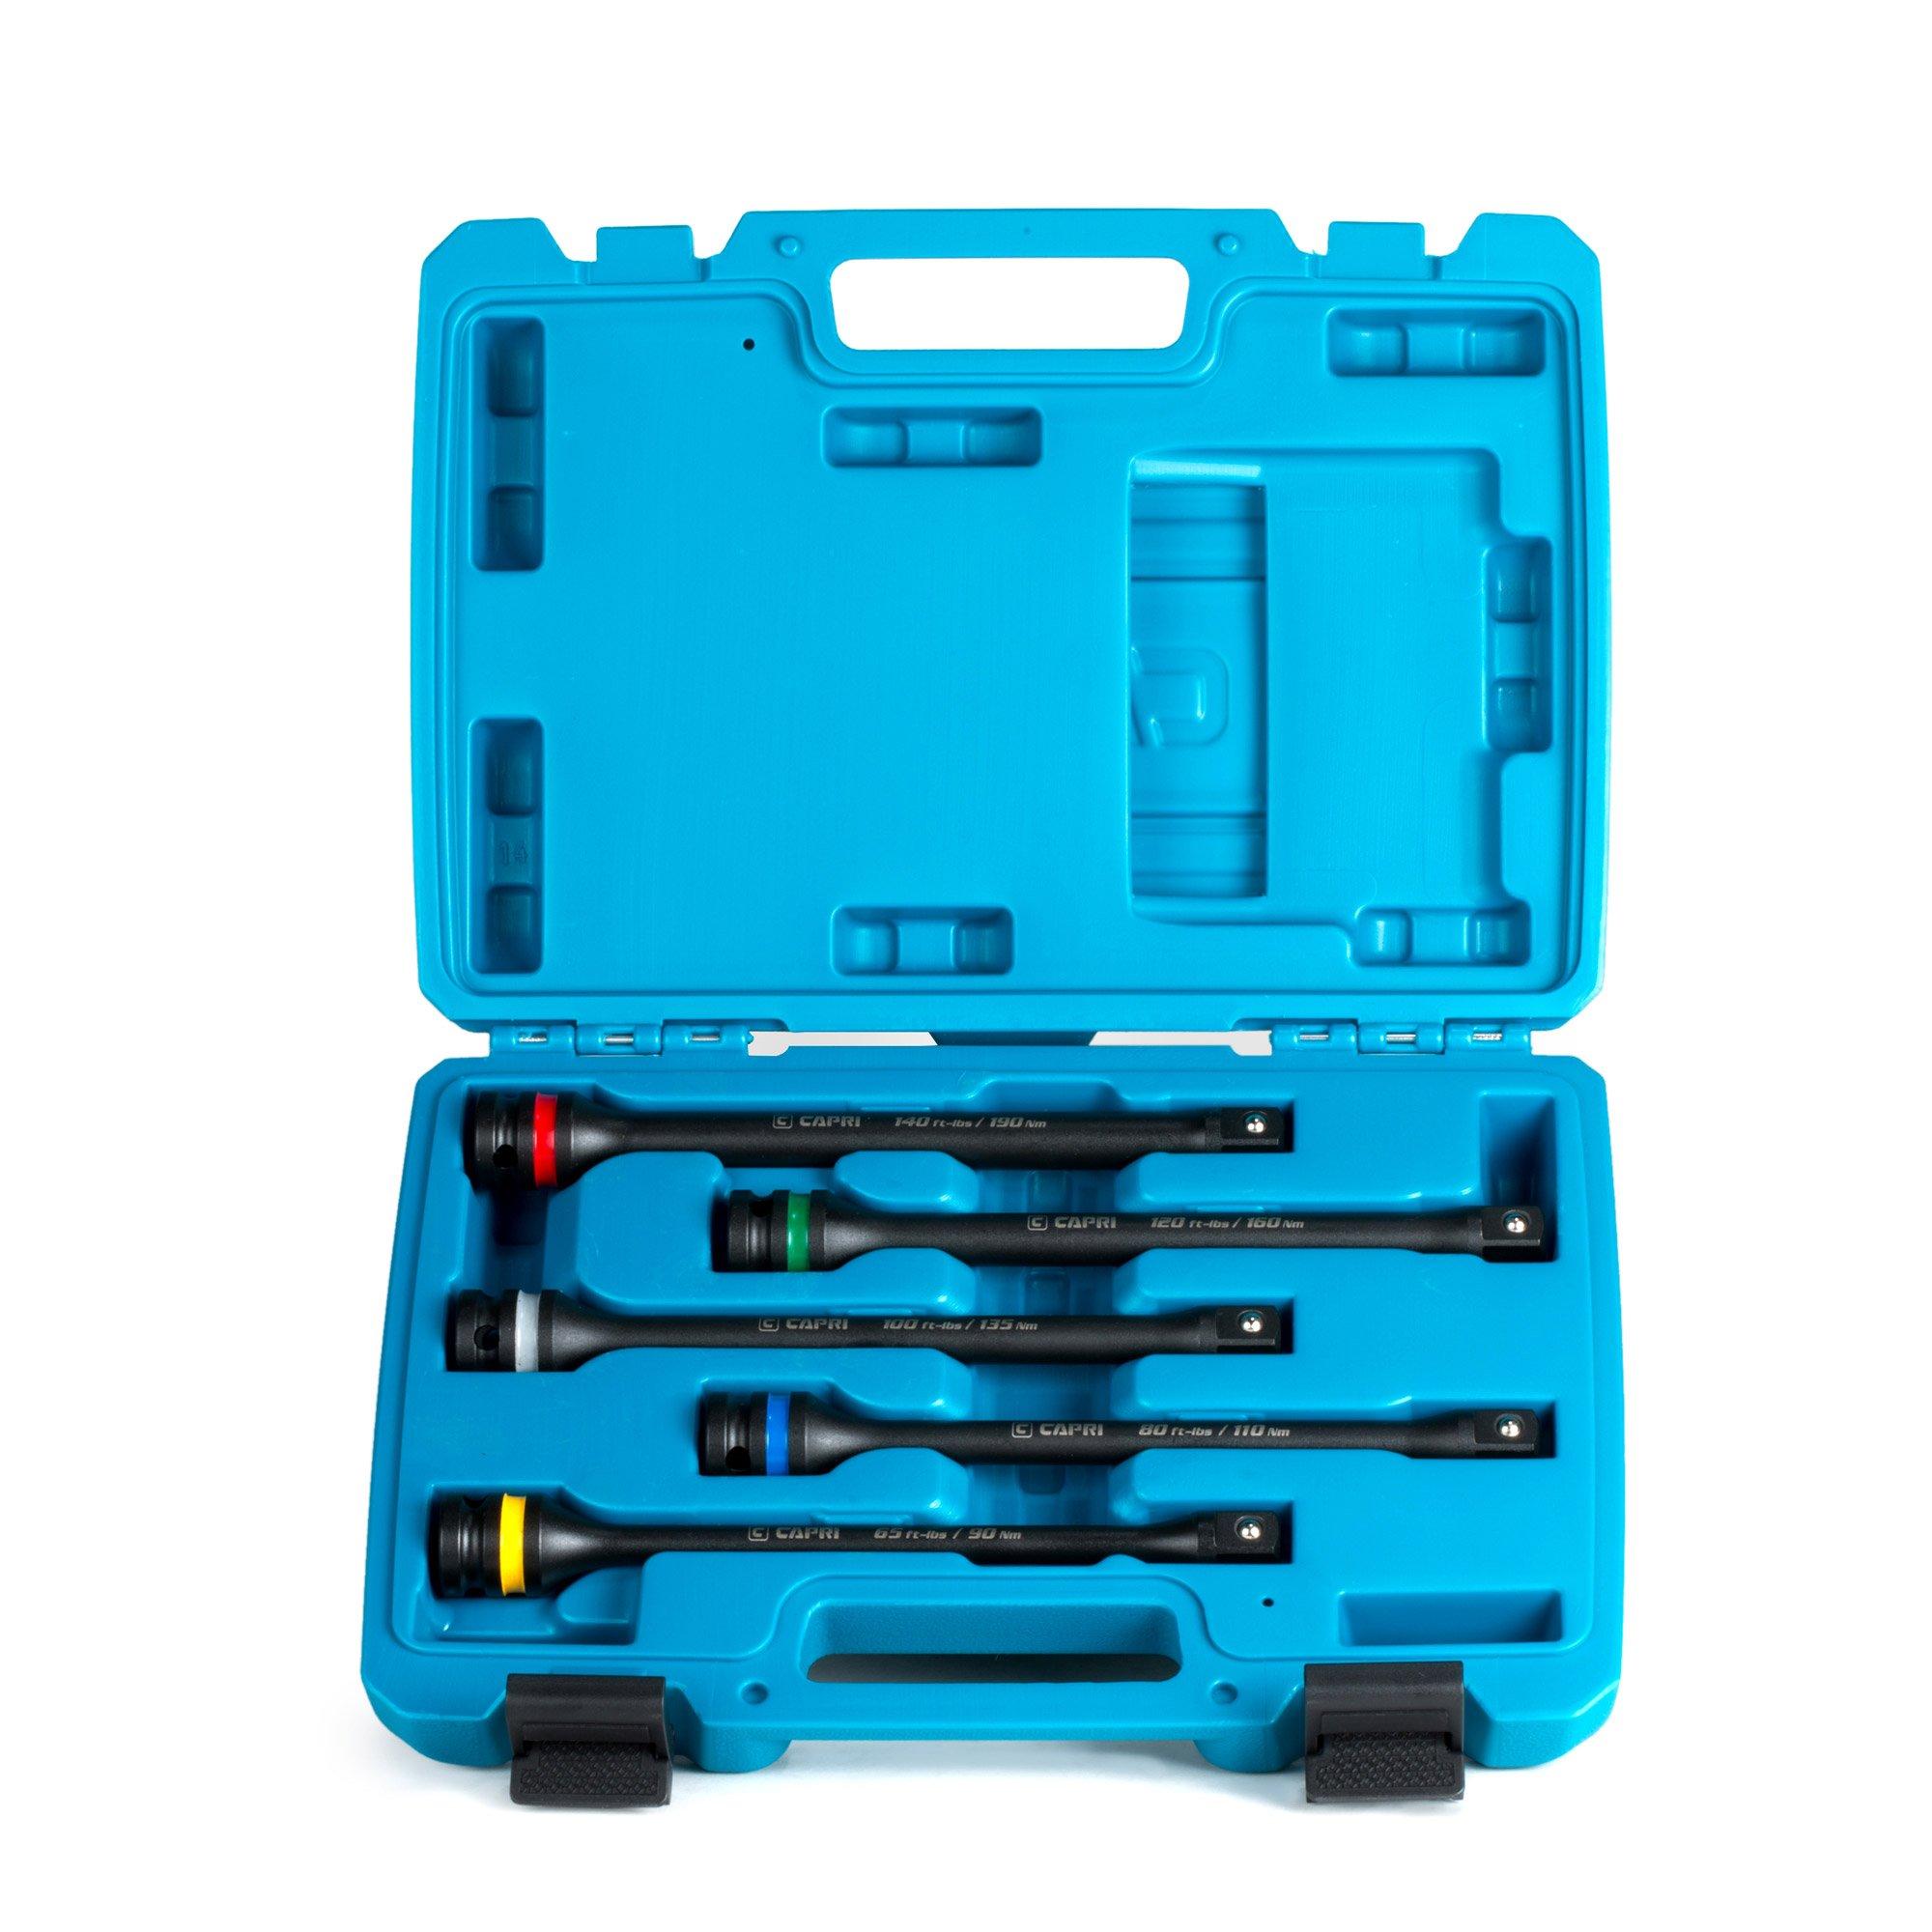 Capri Tools 30083 Torque Limiting Extension Bar Set (5 Piece), 65-140 ft. lbs, 1/2 in. Drive